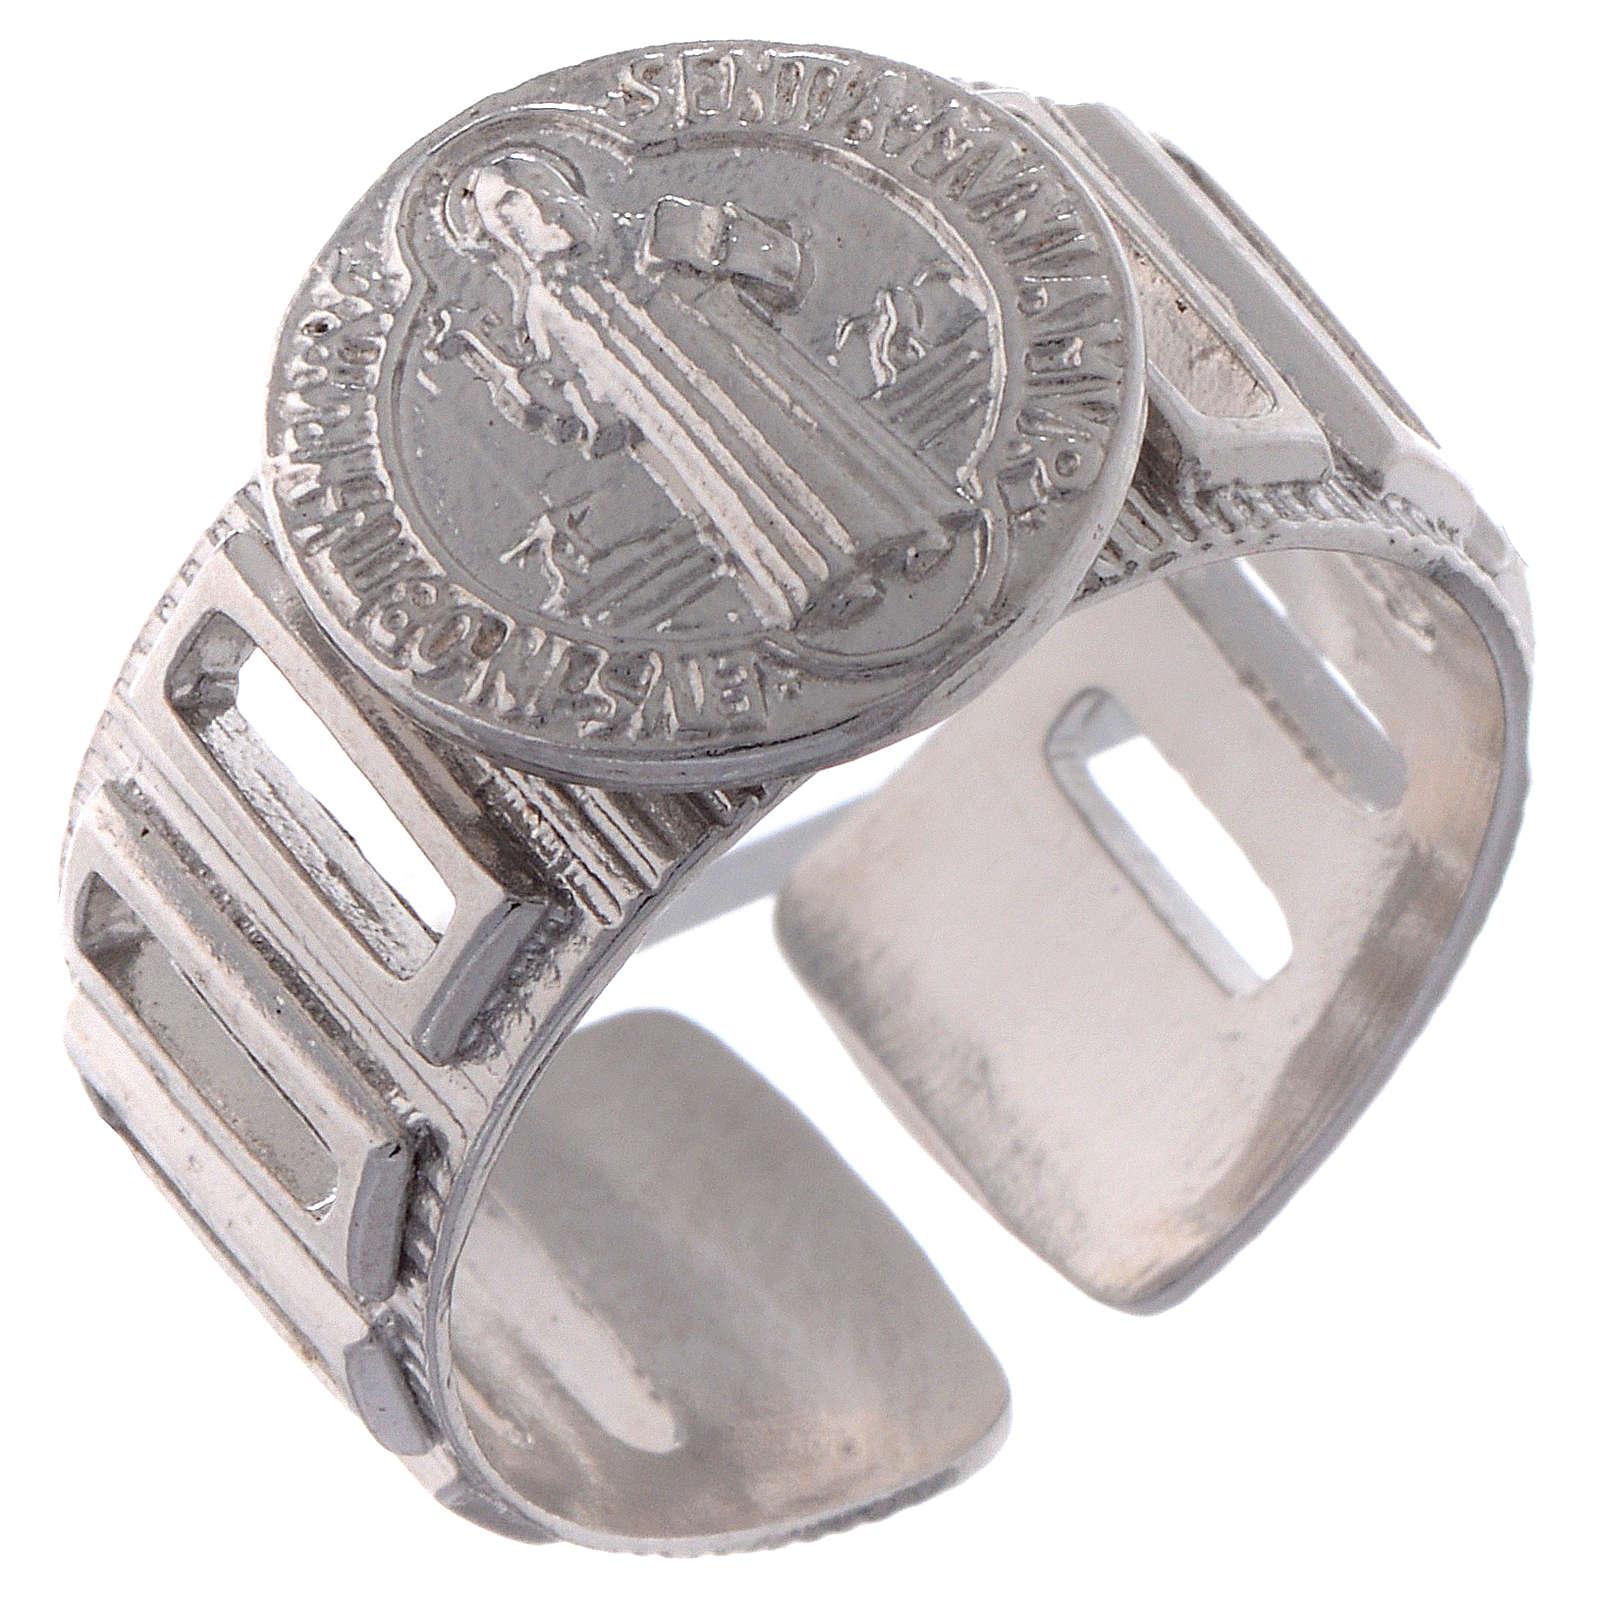 Anillo decenario ancho San Benito plata 925 3